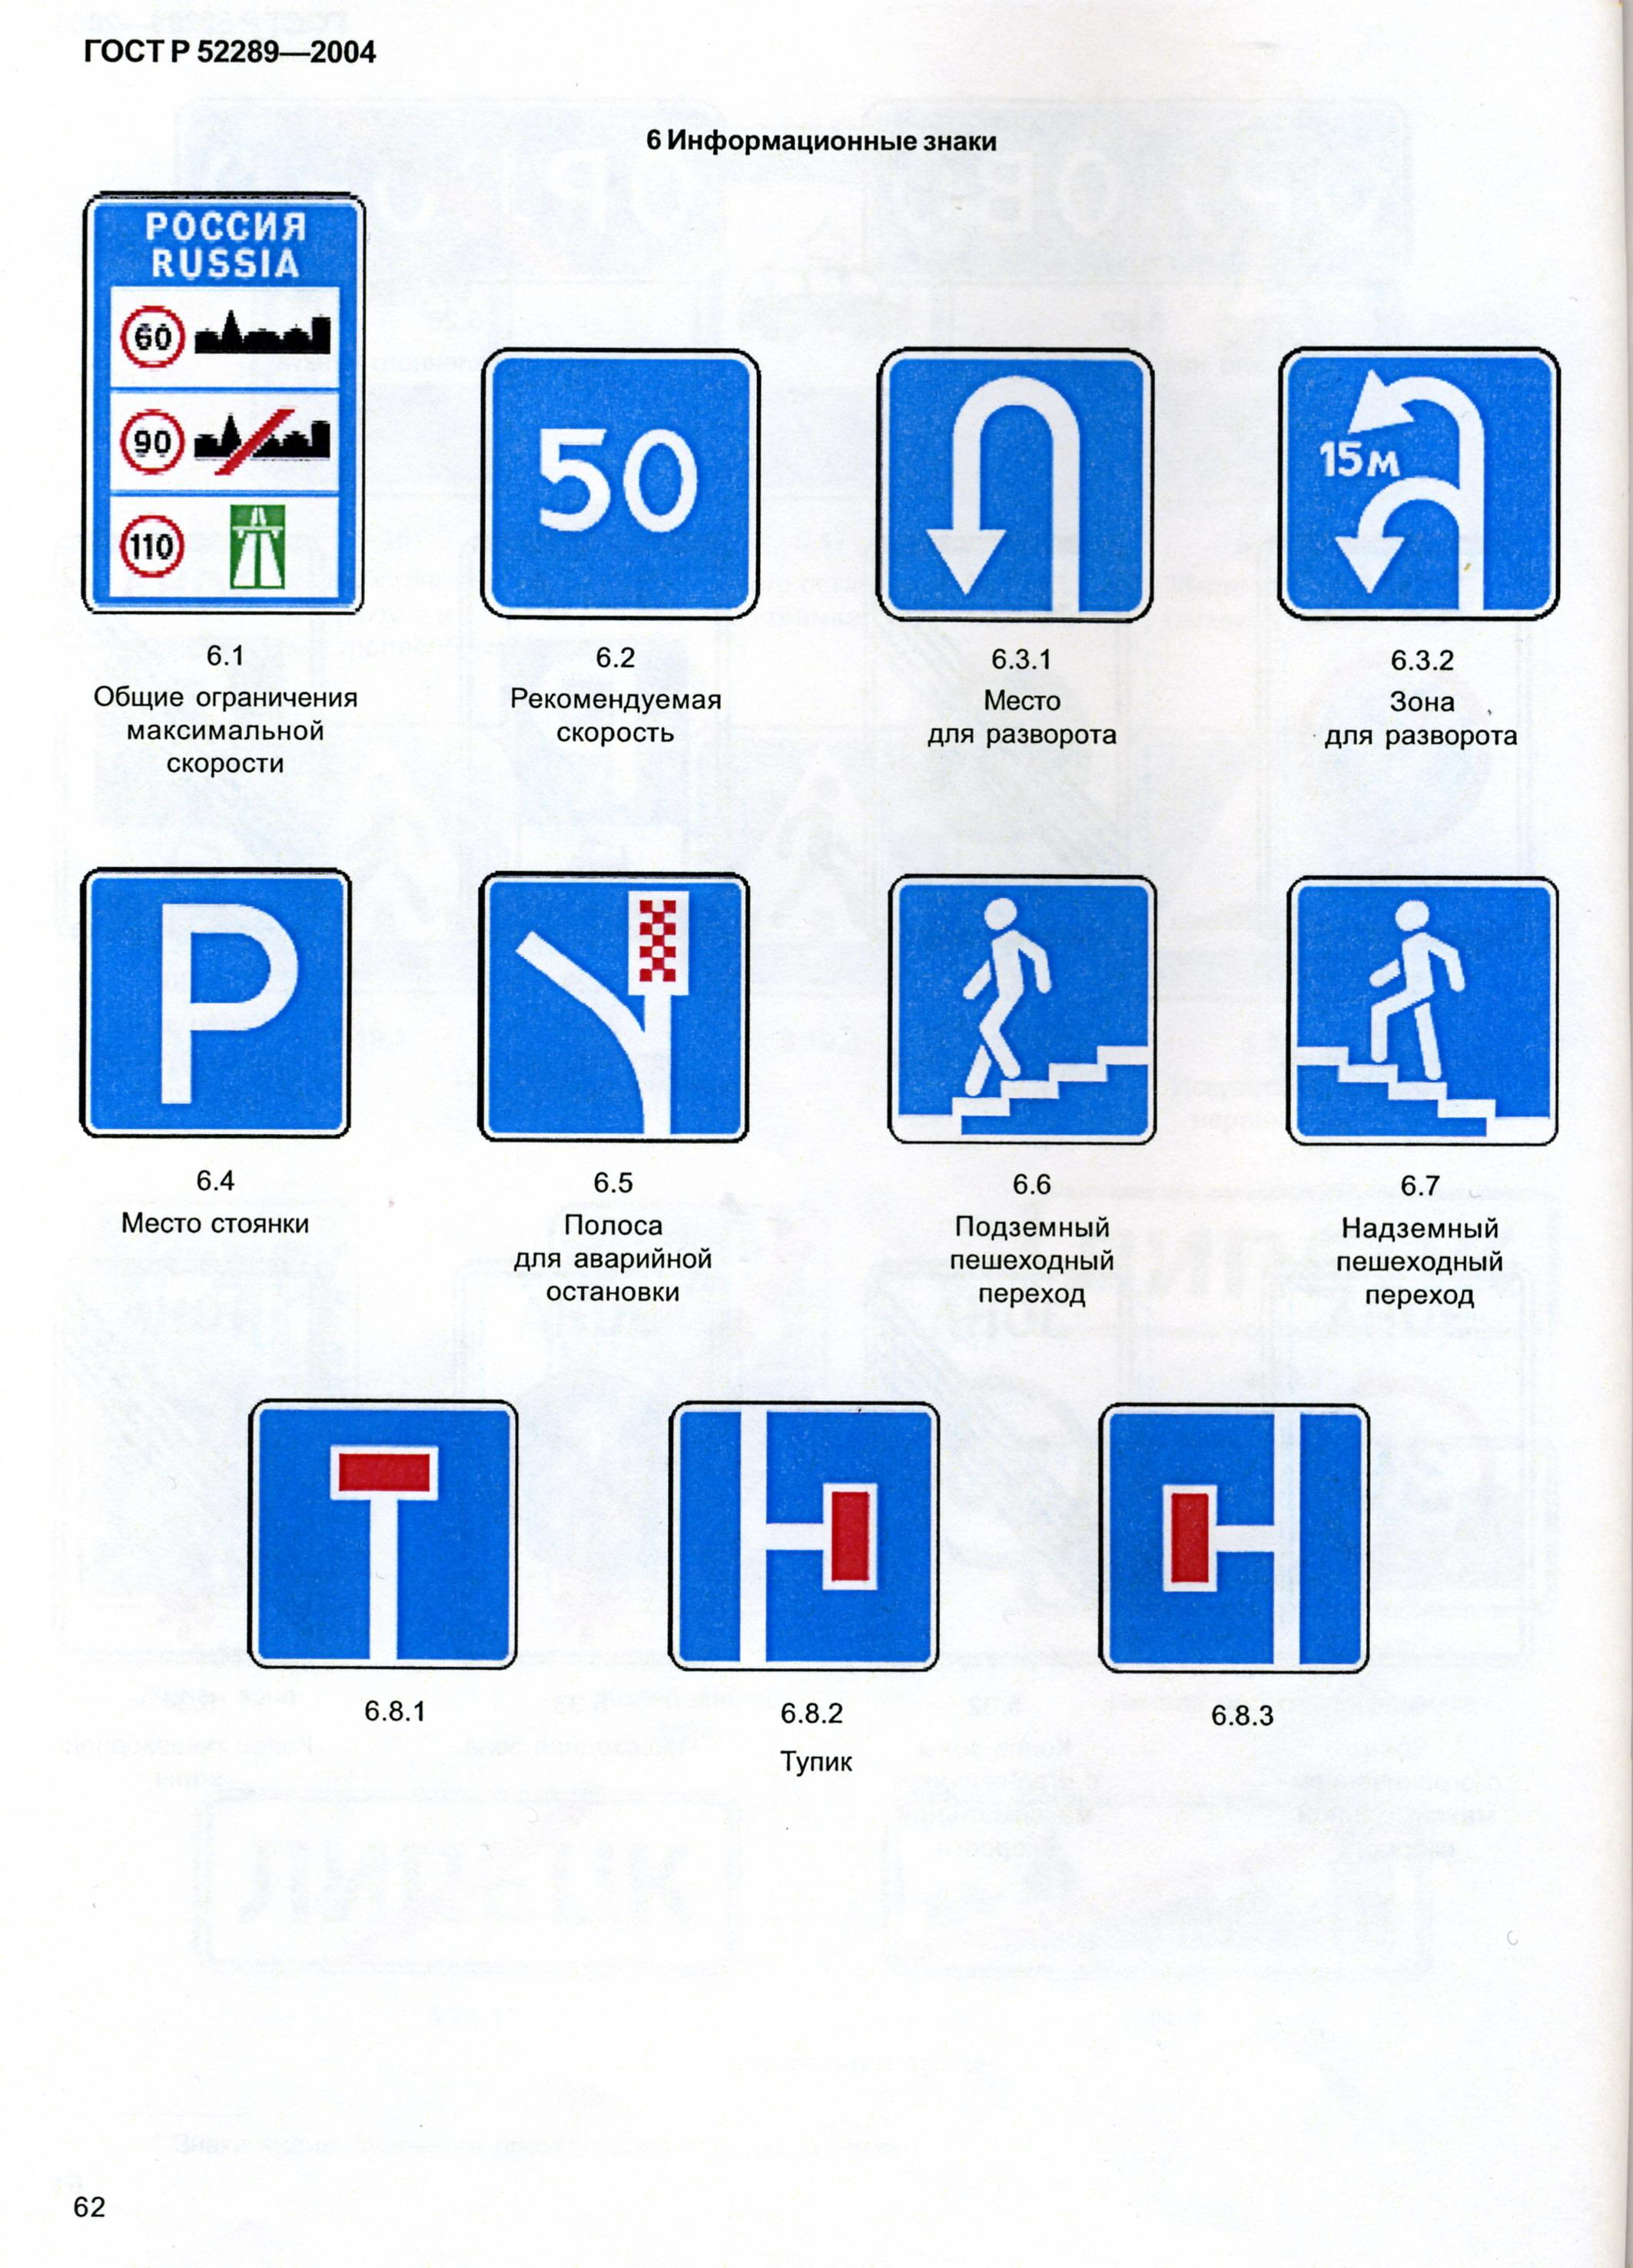 маникюр френч картинки информационных знаков и их название вестника виде